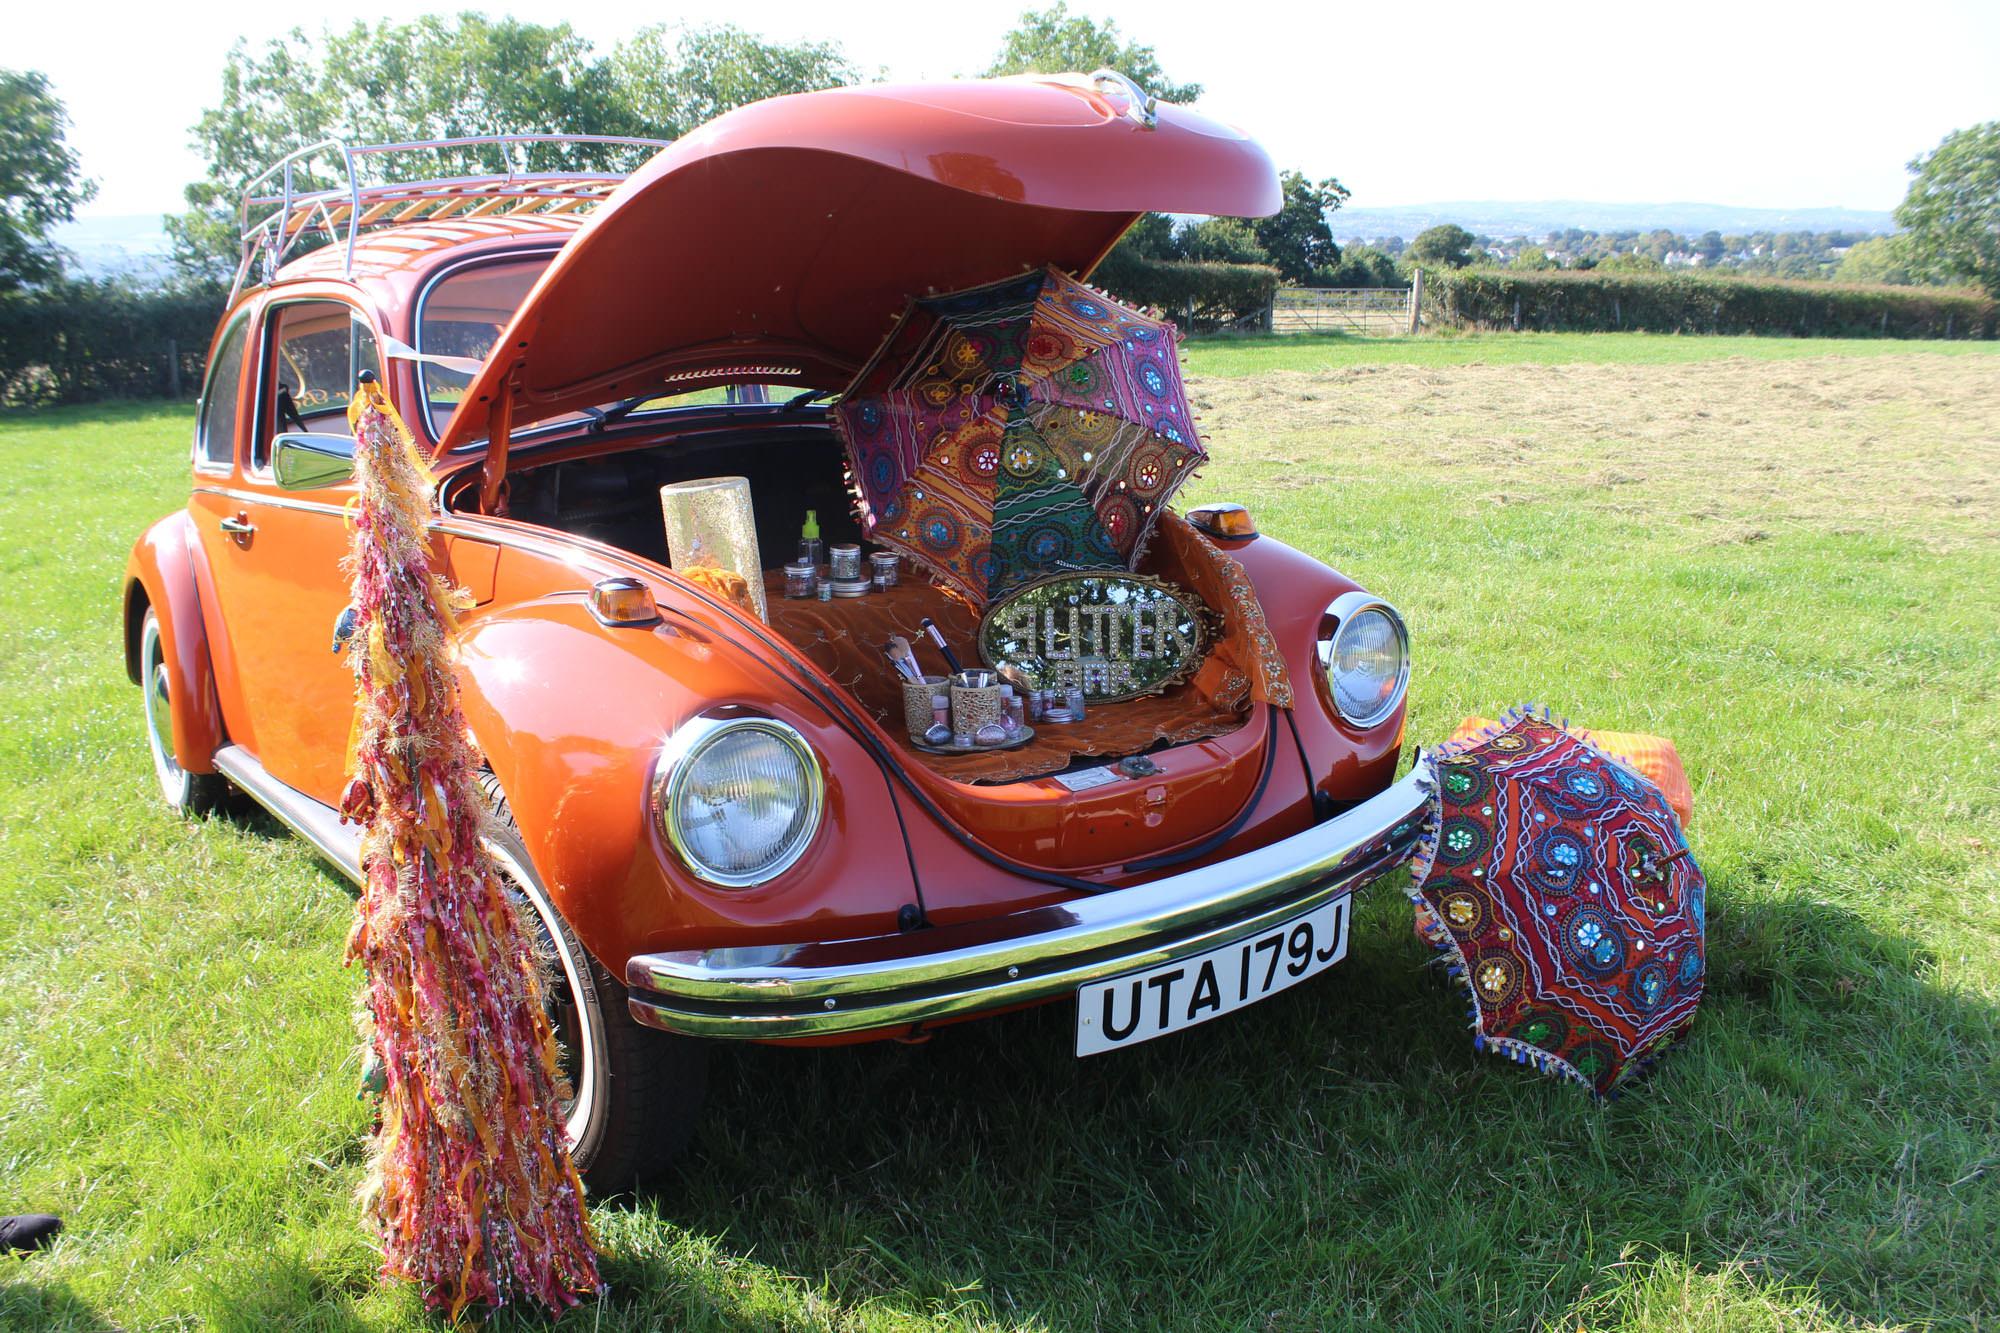 Vintage Camper Booths - Wedding VW campervan for hire